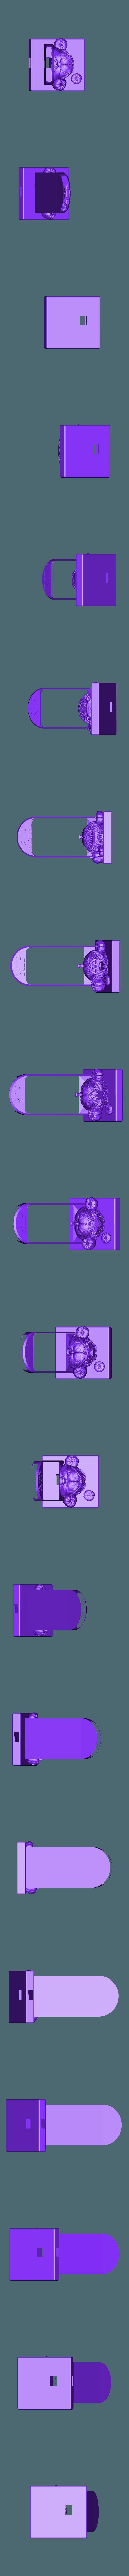 3d simo.stl Télécharger fichier STL gratuit Dock lugubre d'halloween tombe citrouille • Design pour impression 3D, Emile_Bedard